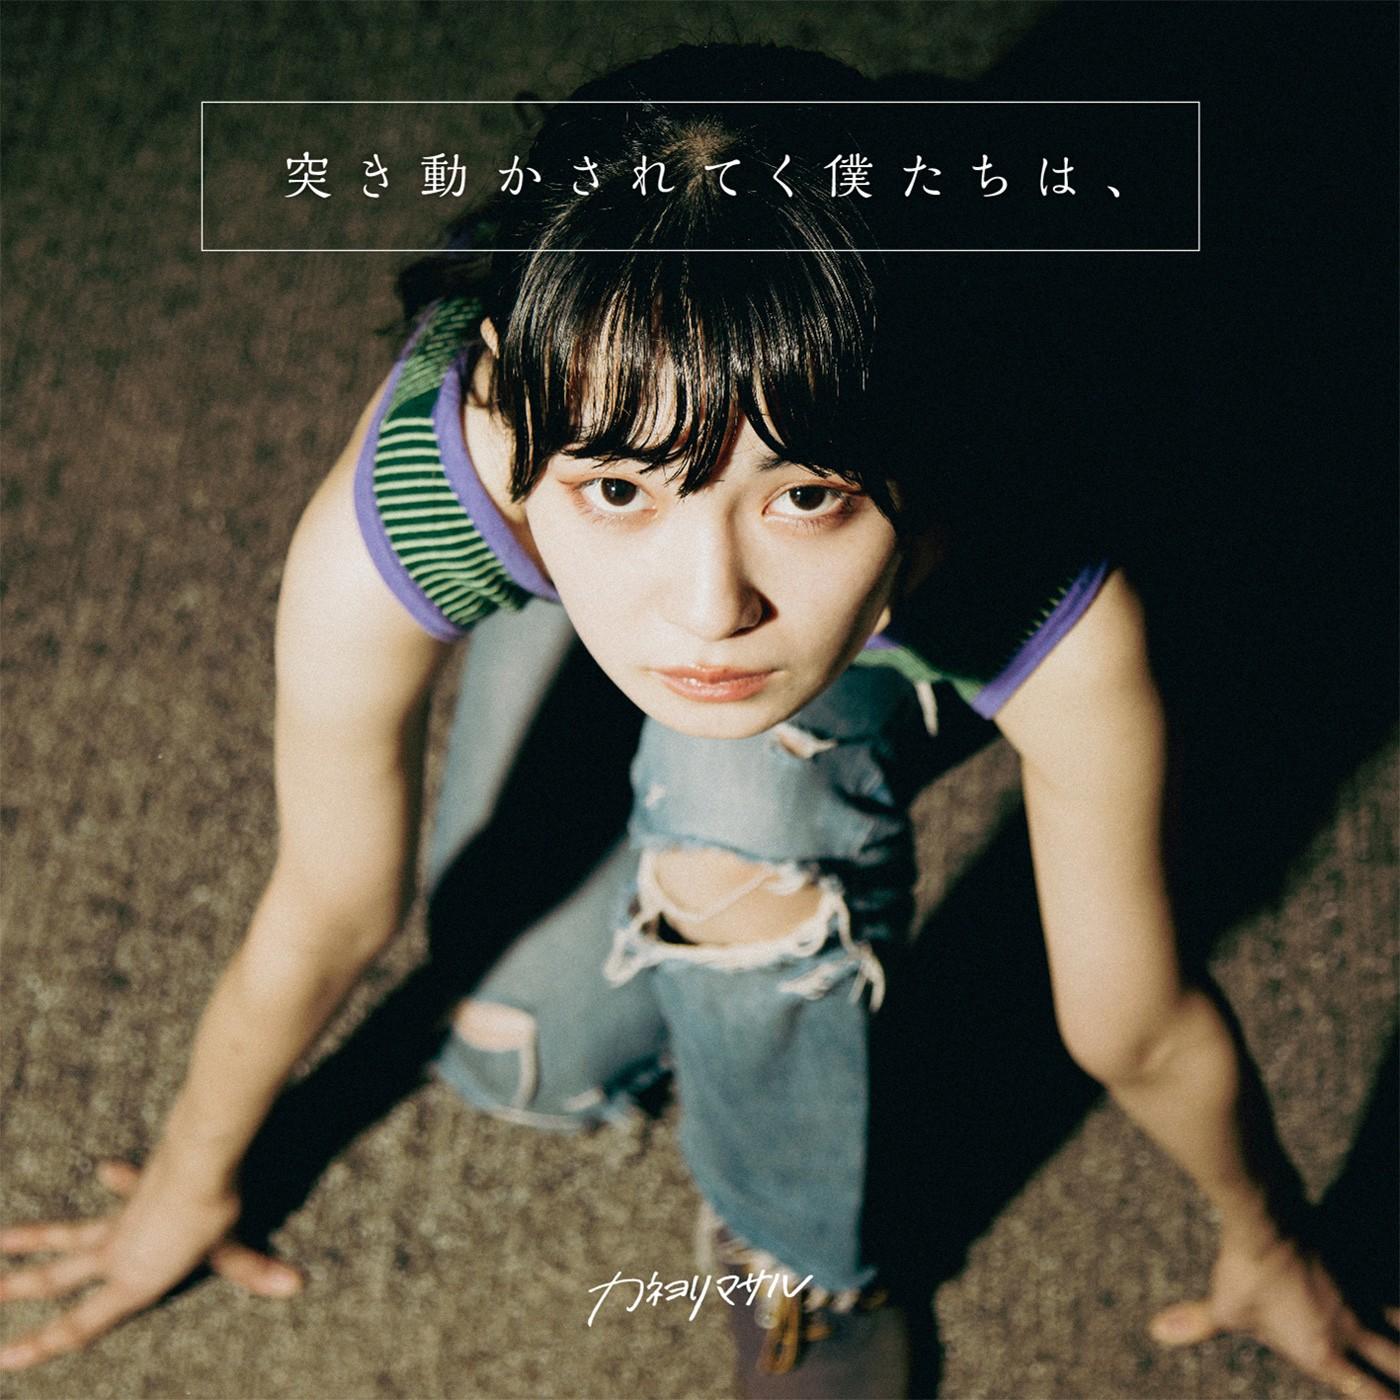 [音楽 – Single] カネヨリマサル (Kaneyorimasaru) – 突き動かされてく僕たちは、 [FLAC / WEB] [2021.10.06]